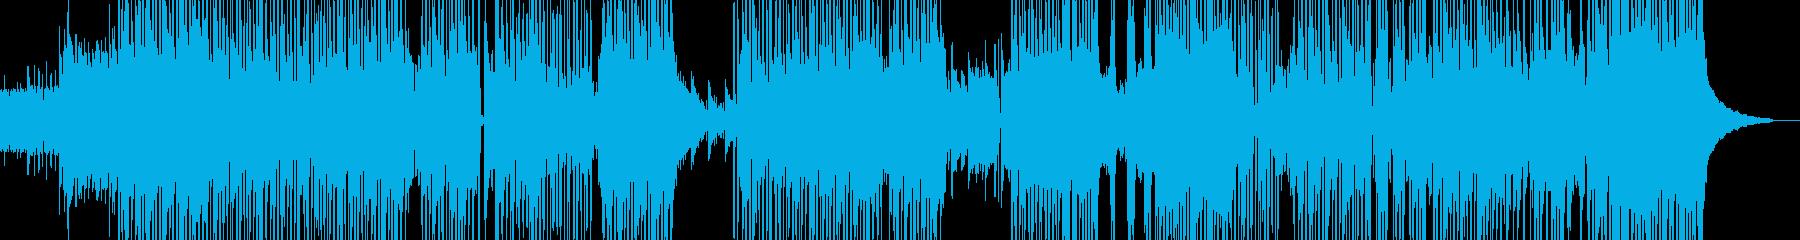 渋くてワイルドなヒップホップ 長尺+の再生済みの波形